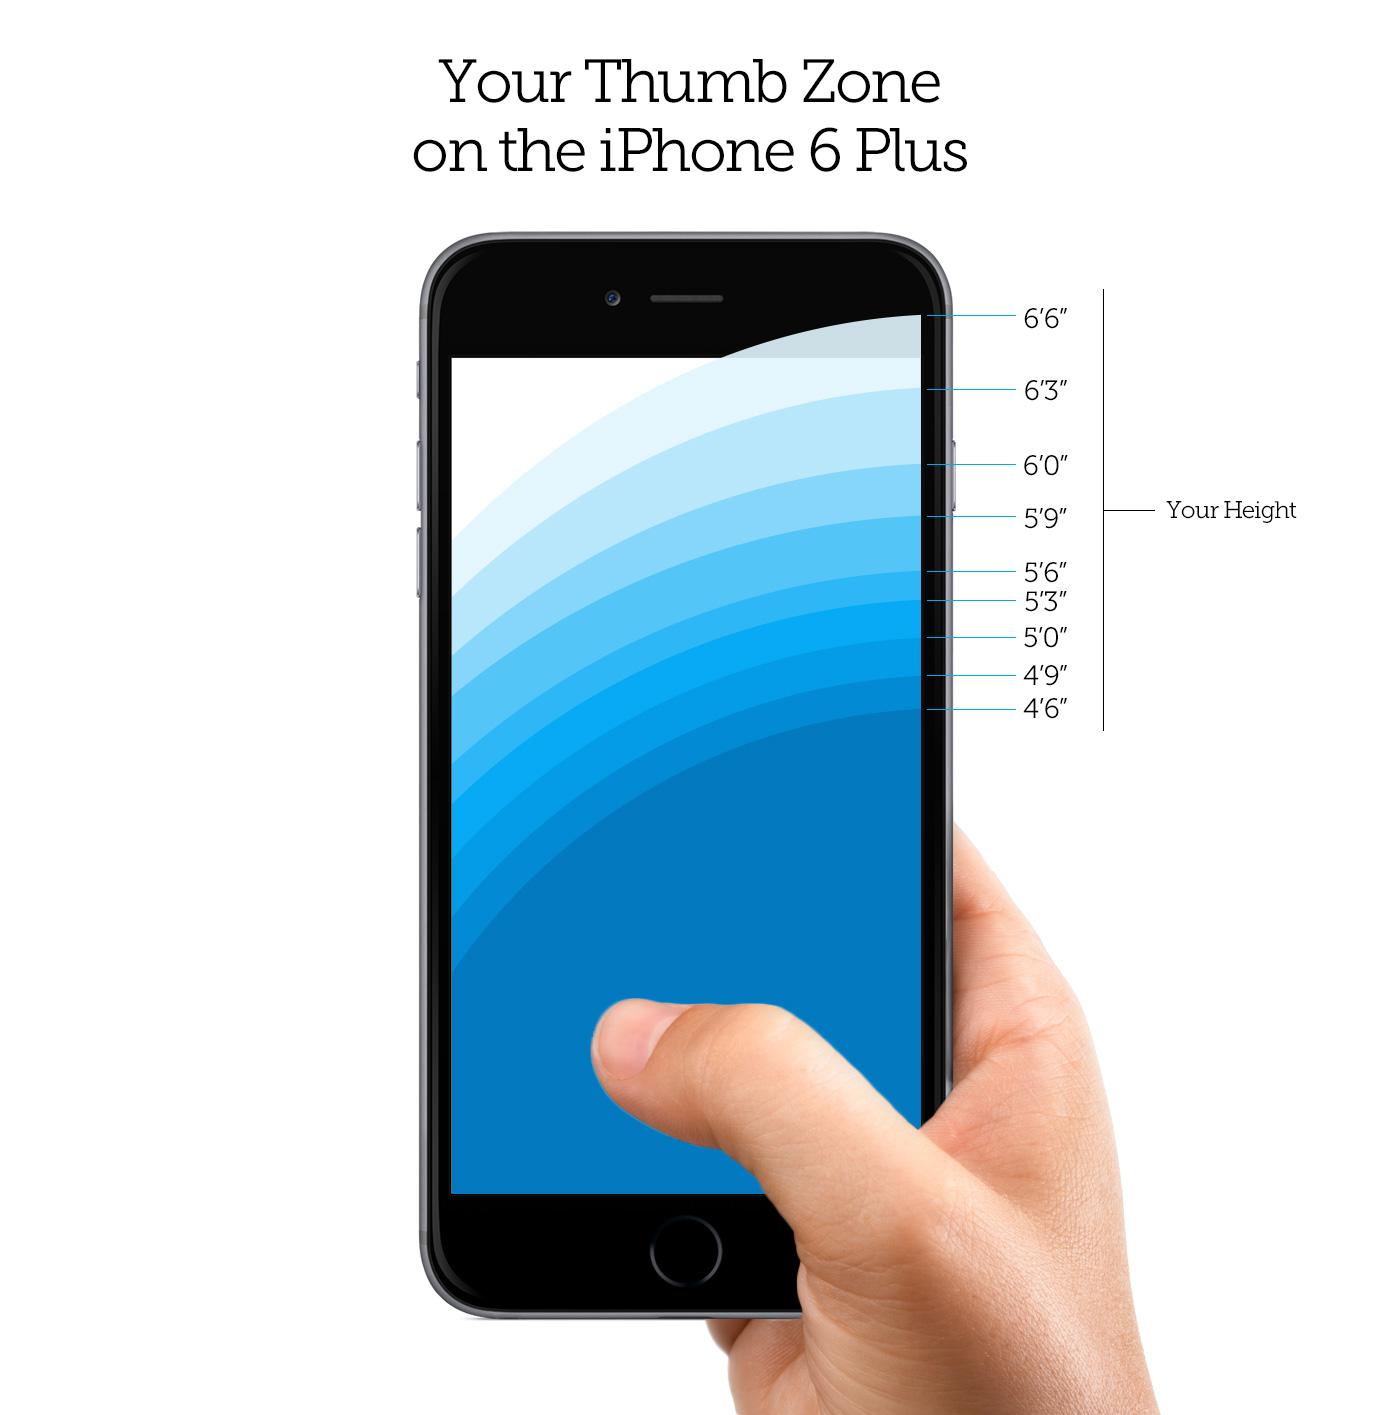 iPhone 6+ Thumb reach